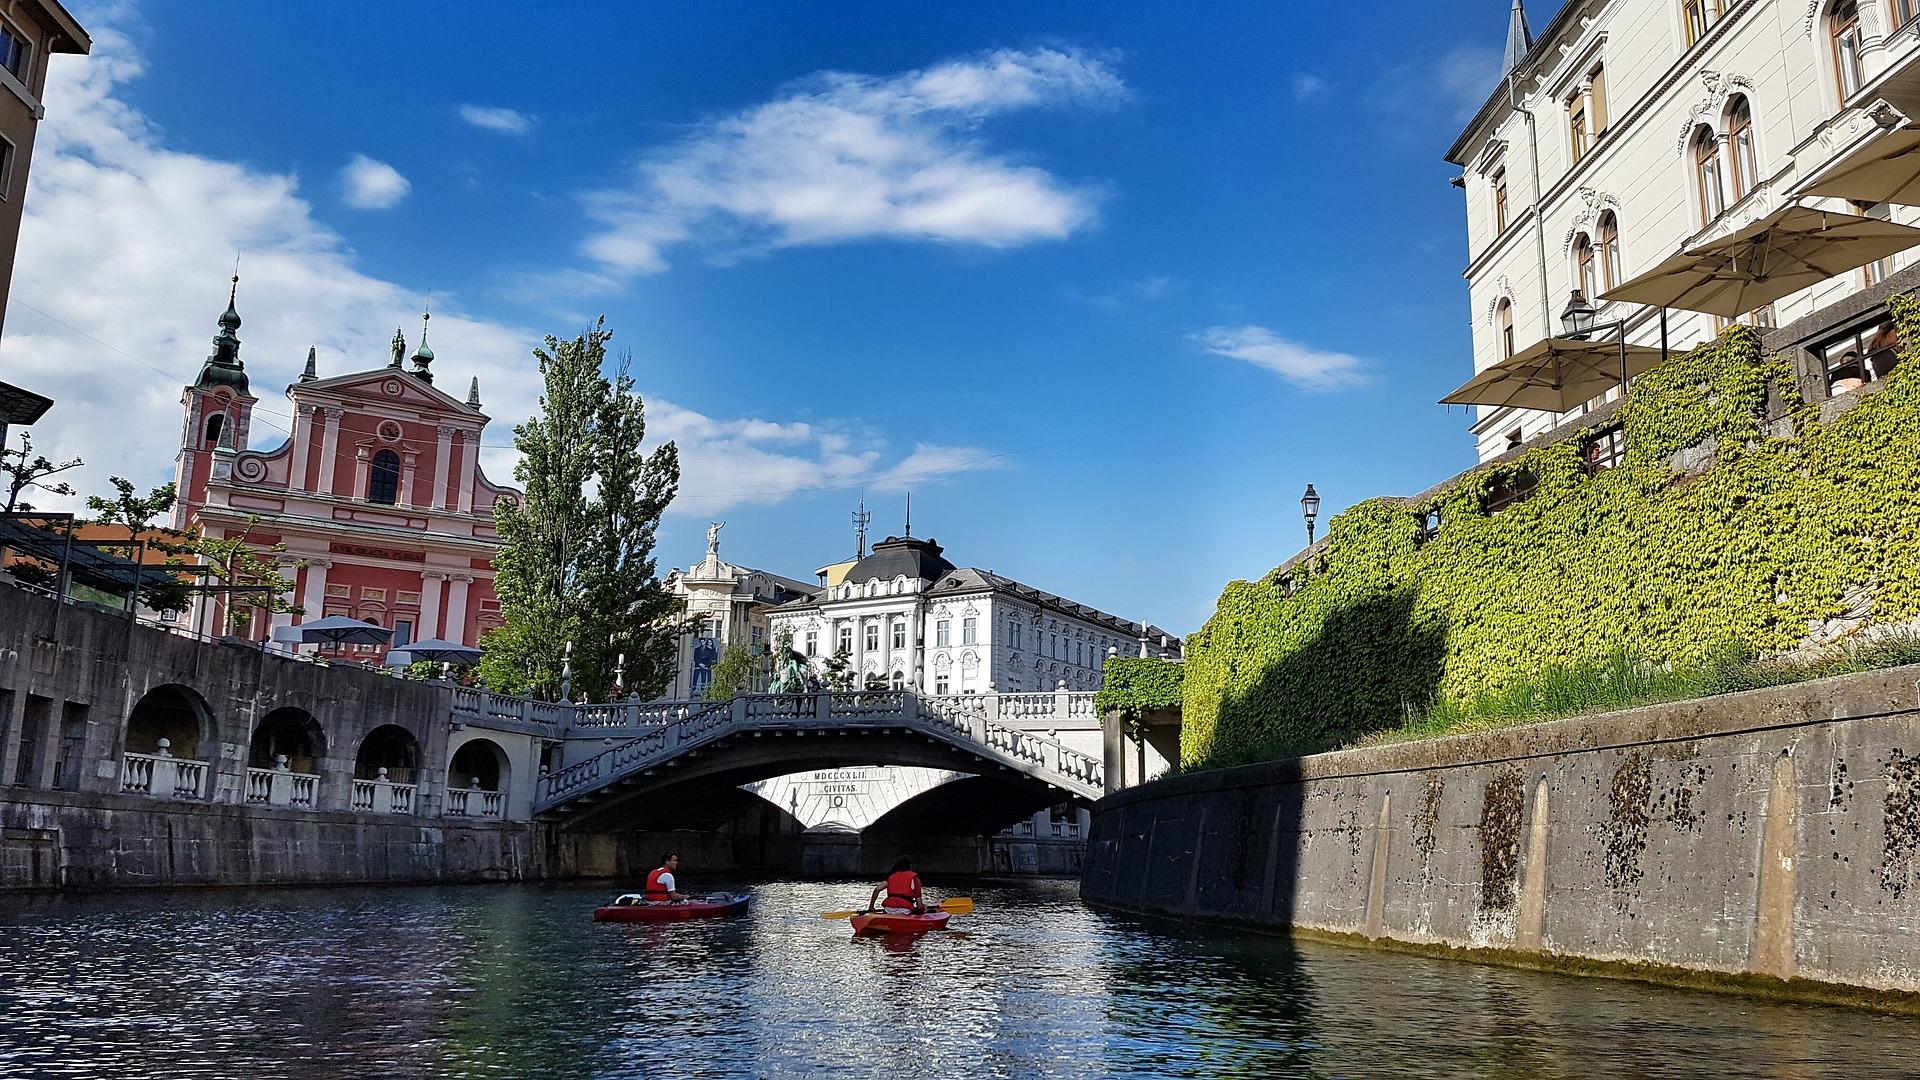 Private detectives and investigators in Slovenia